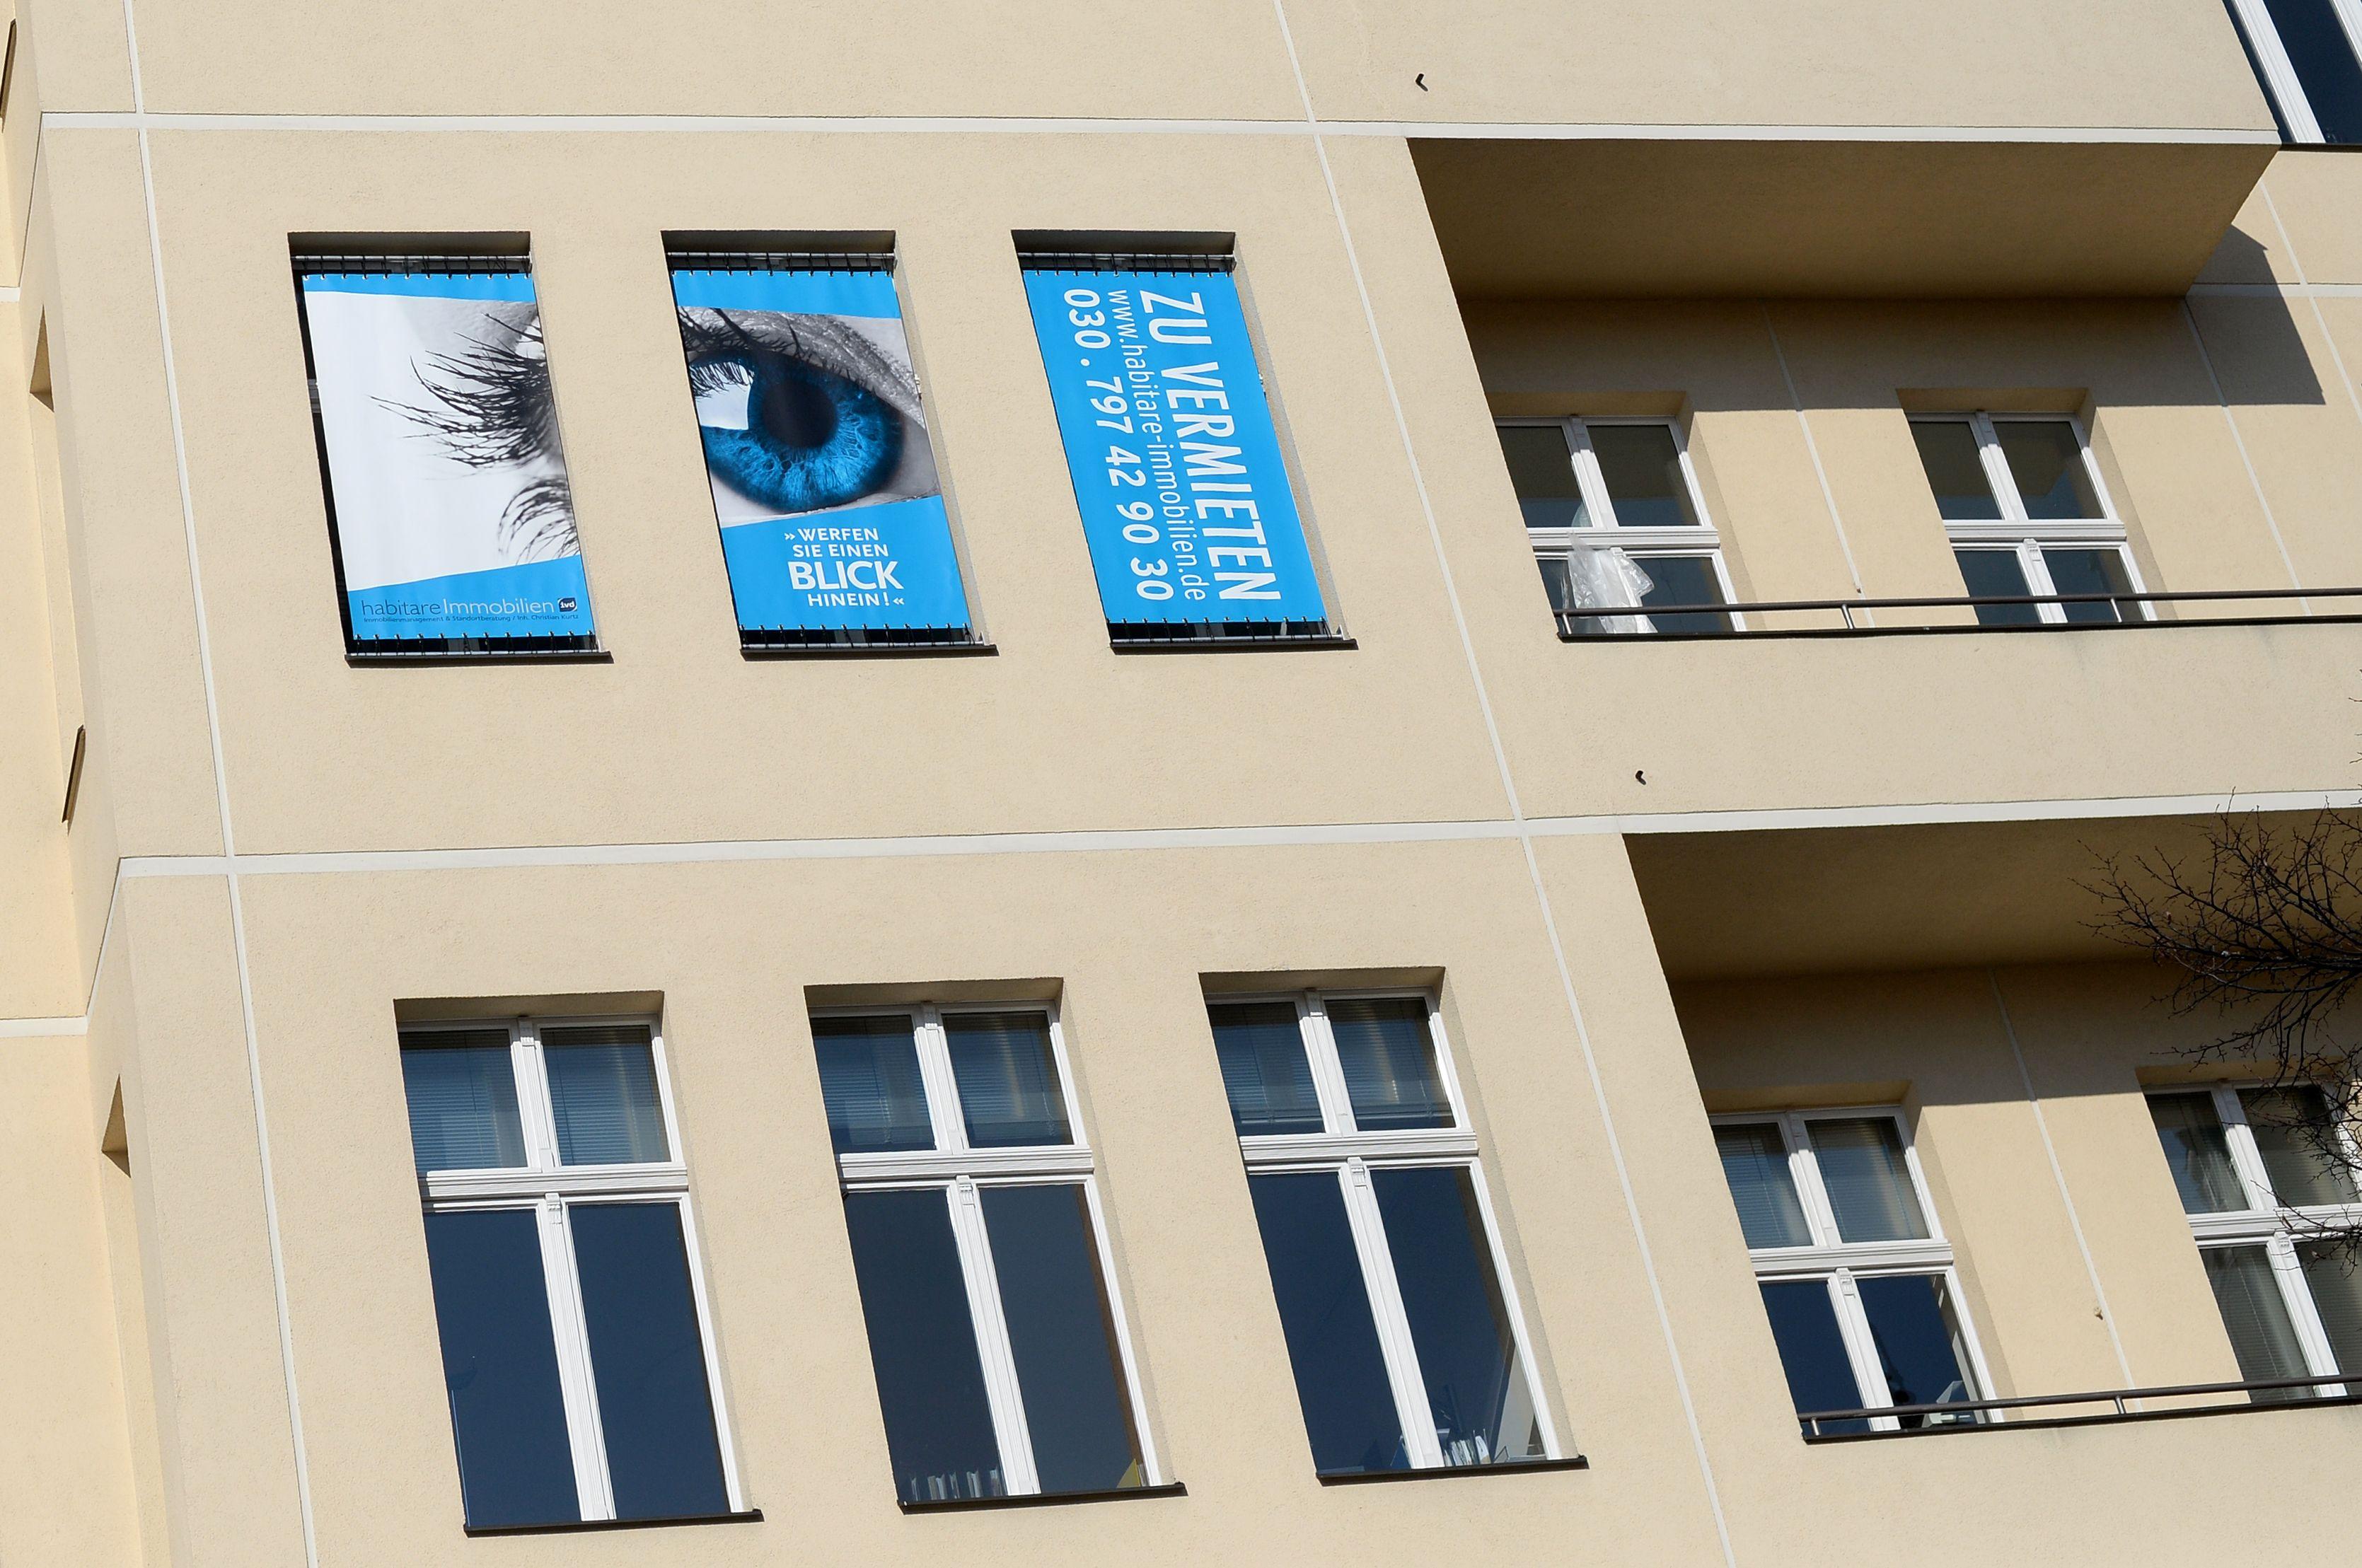 Mieterbund keine debatte um mietspiegel in m nchen for Spiegel wochenzeitung